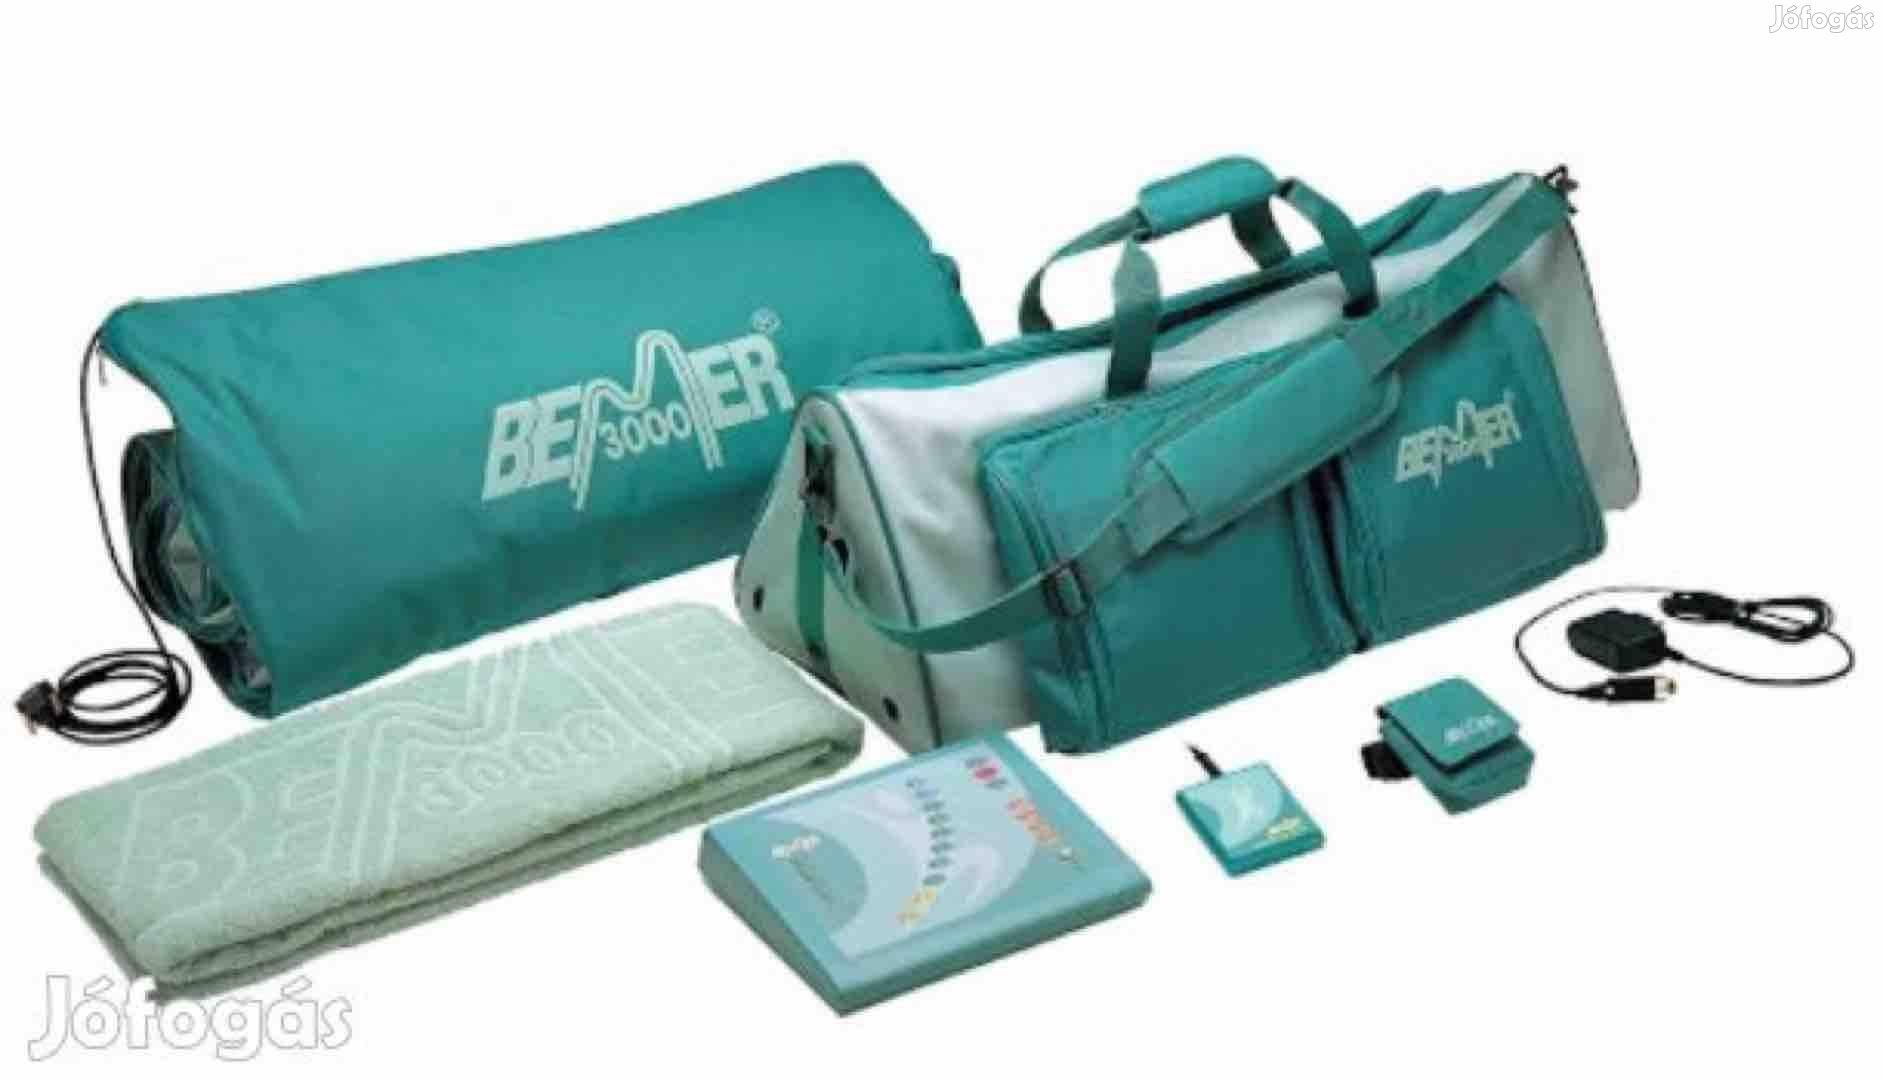 Keresek: Bemer Classic Set,Bemer pro Set azonnali megvétele,06205619865